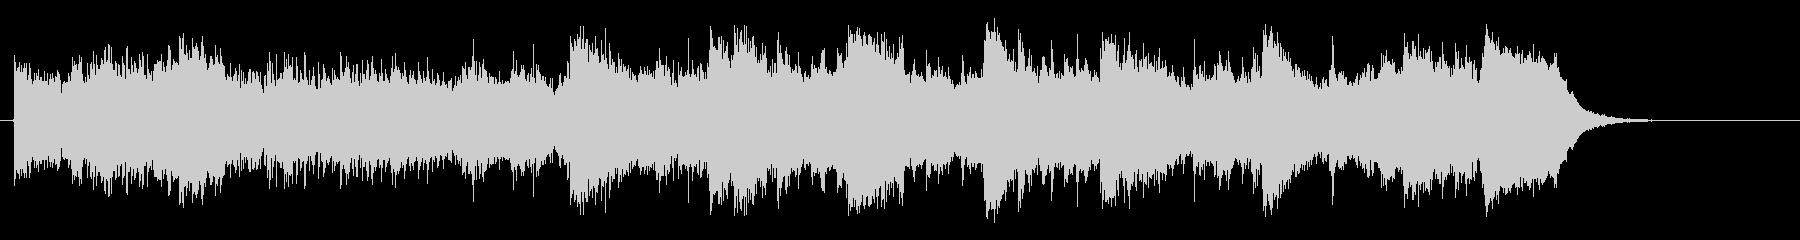 オリエンタルなシルクロード紀行風BGMの未再生の波形